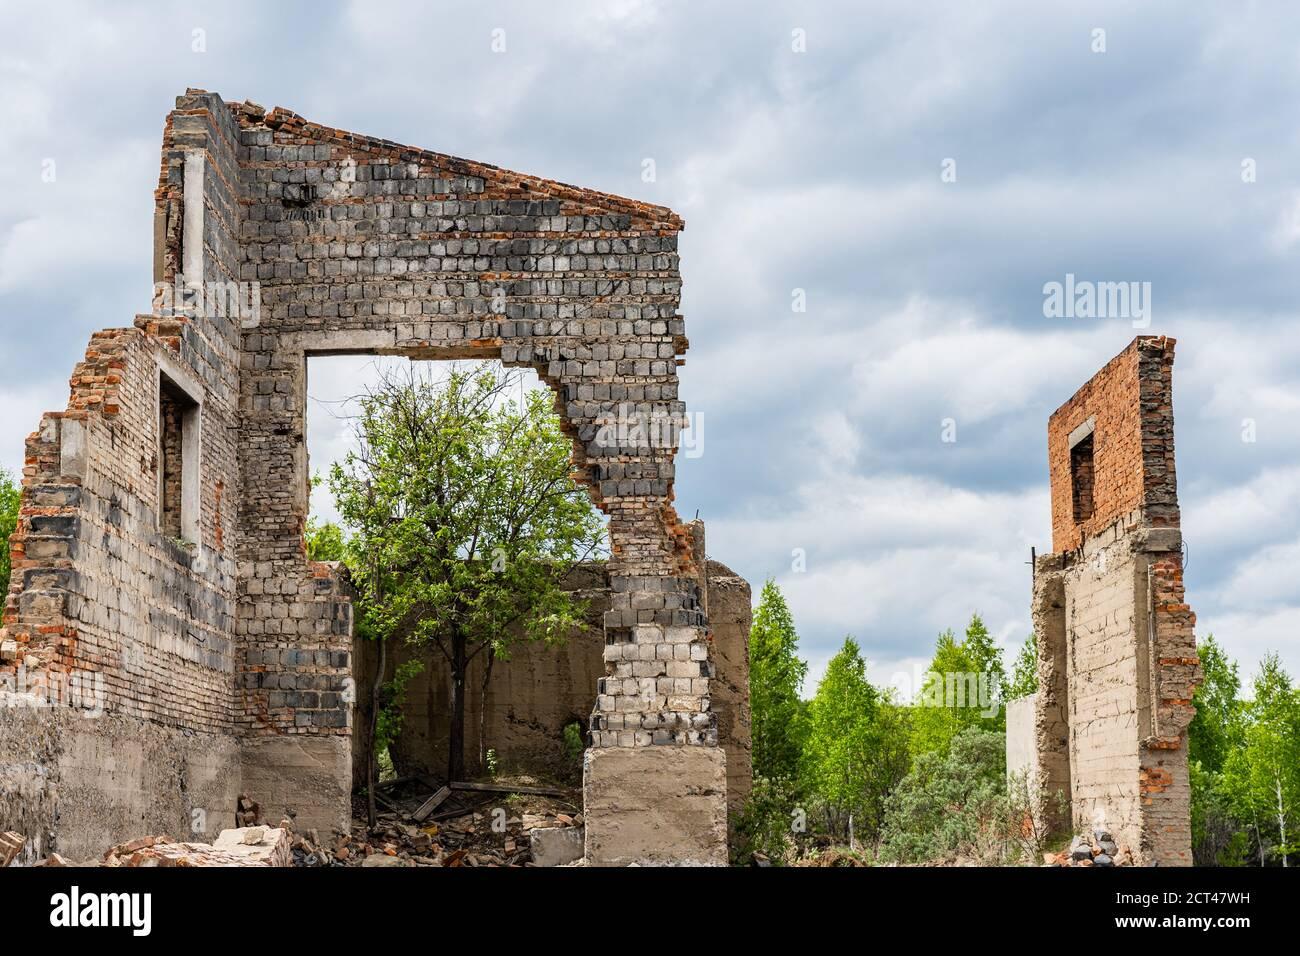 Les ruines des maisons. Murs de briques. Épaissir les ruines Banque D'Images